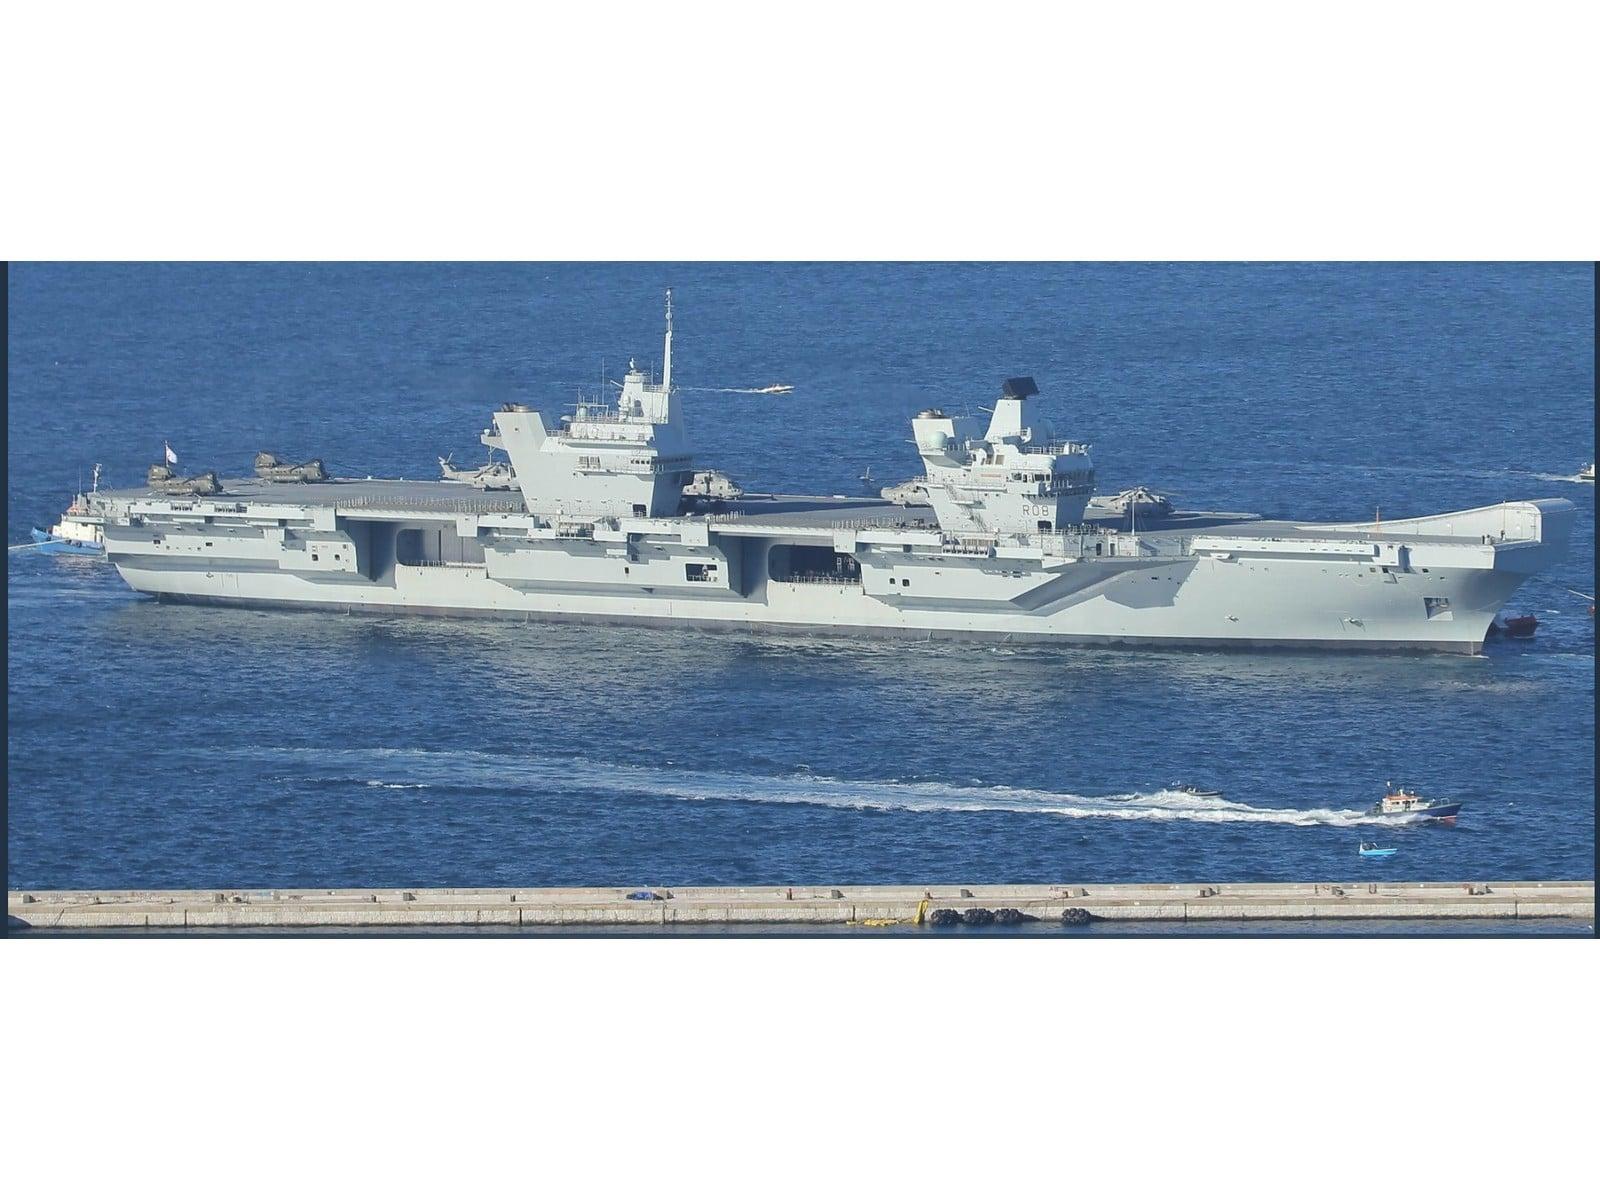 portaaviones-hms-queen-elizabeth-fondeado-en-el-puerto-de-gibraltar-2_40133904802_o